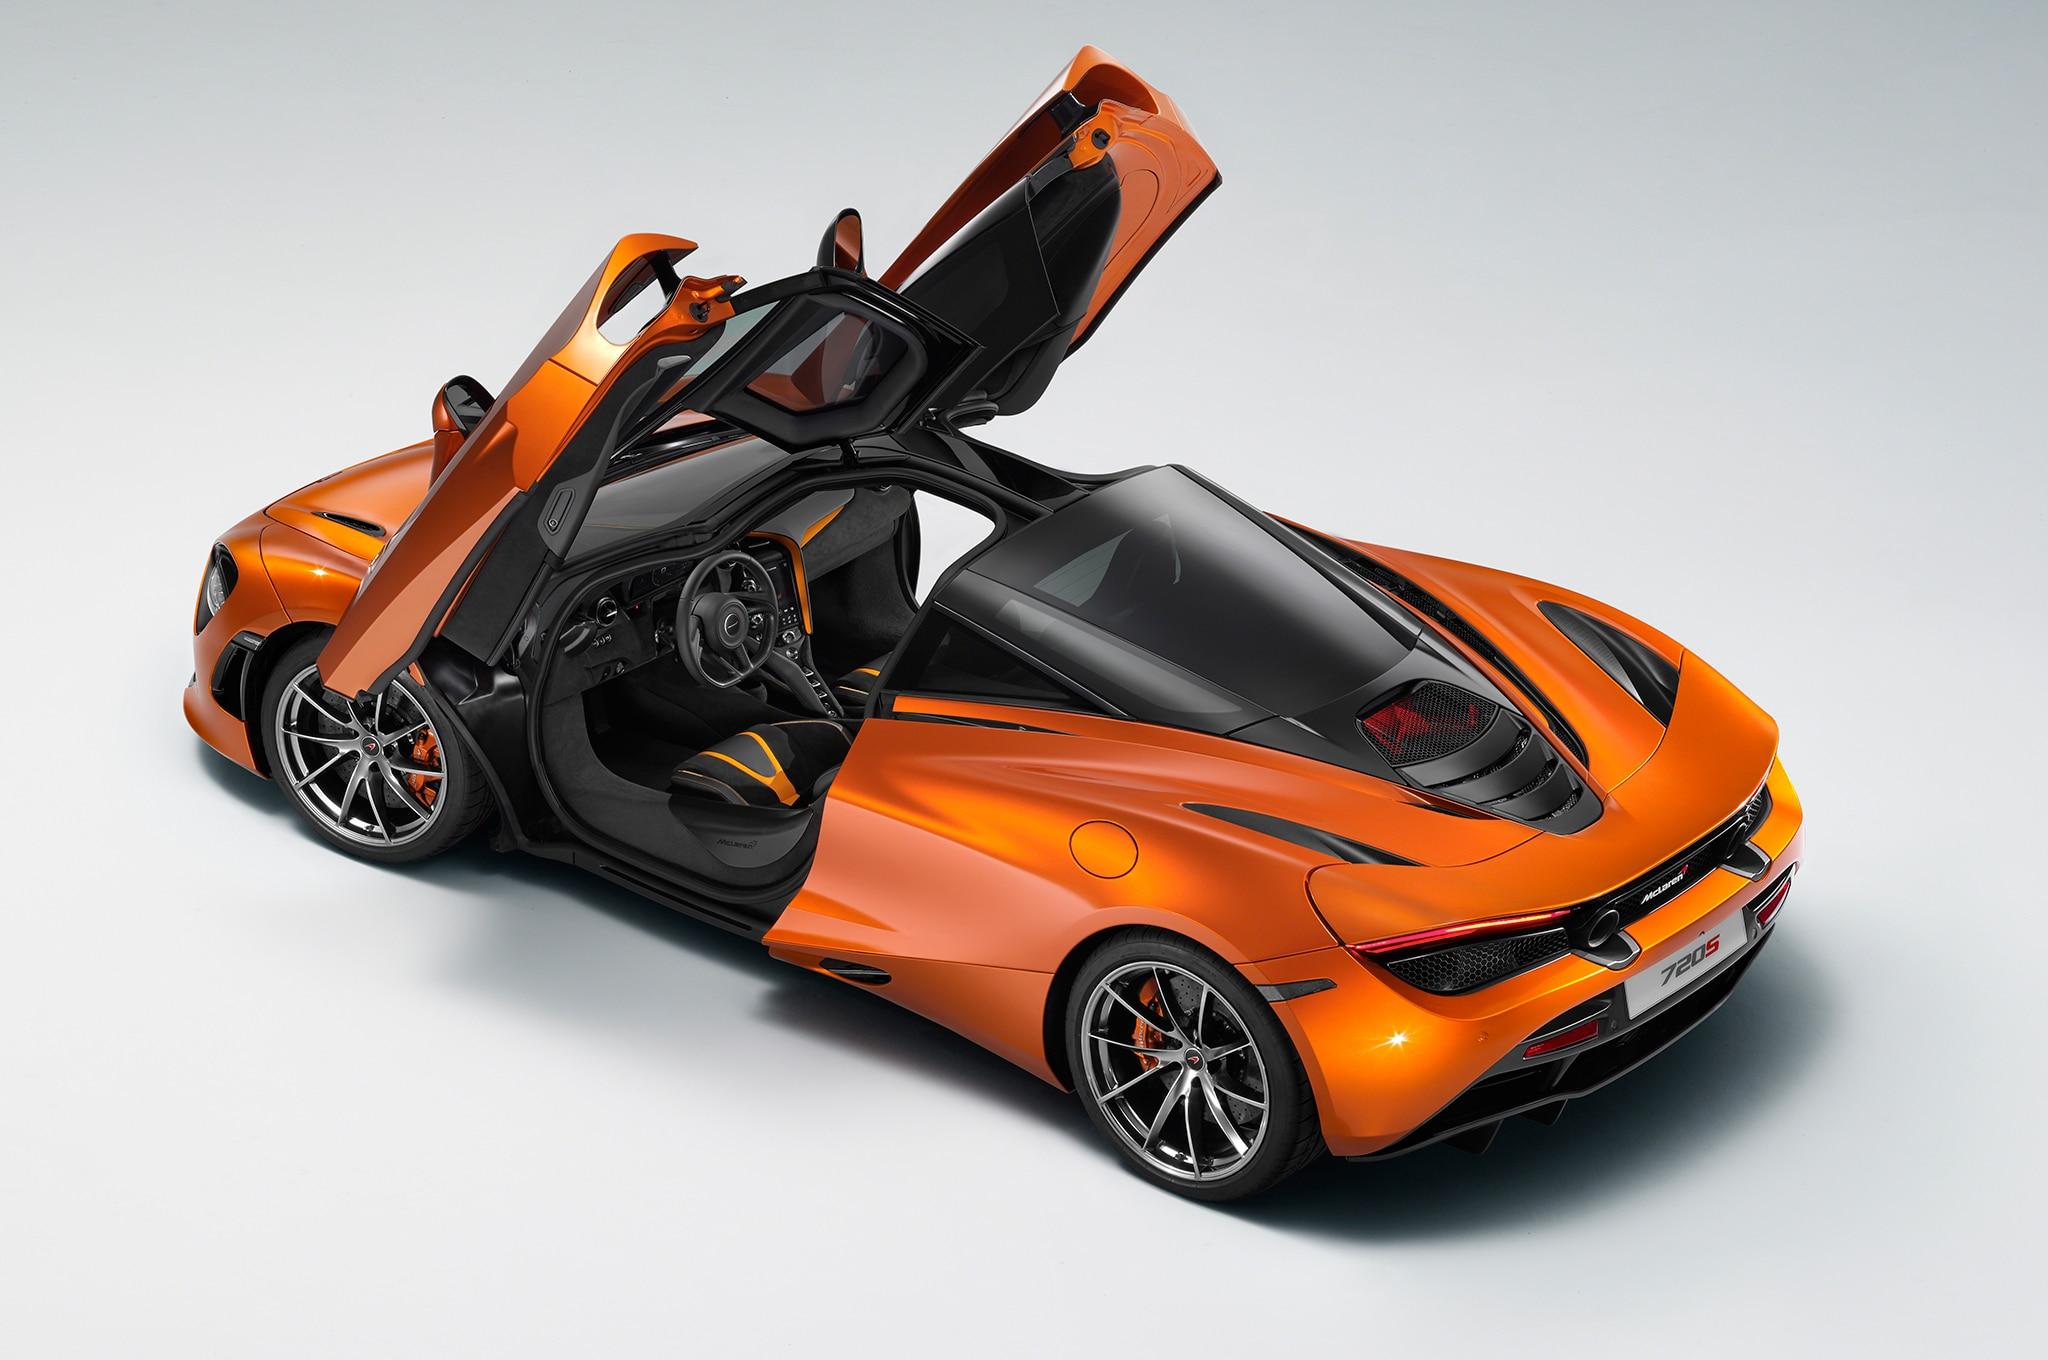 2018 McLaren 720S Rear Three Quarter Doors Up